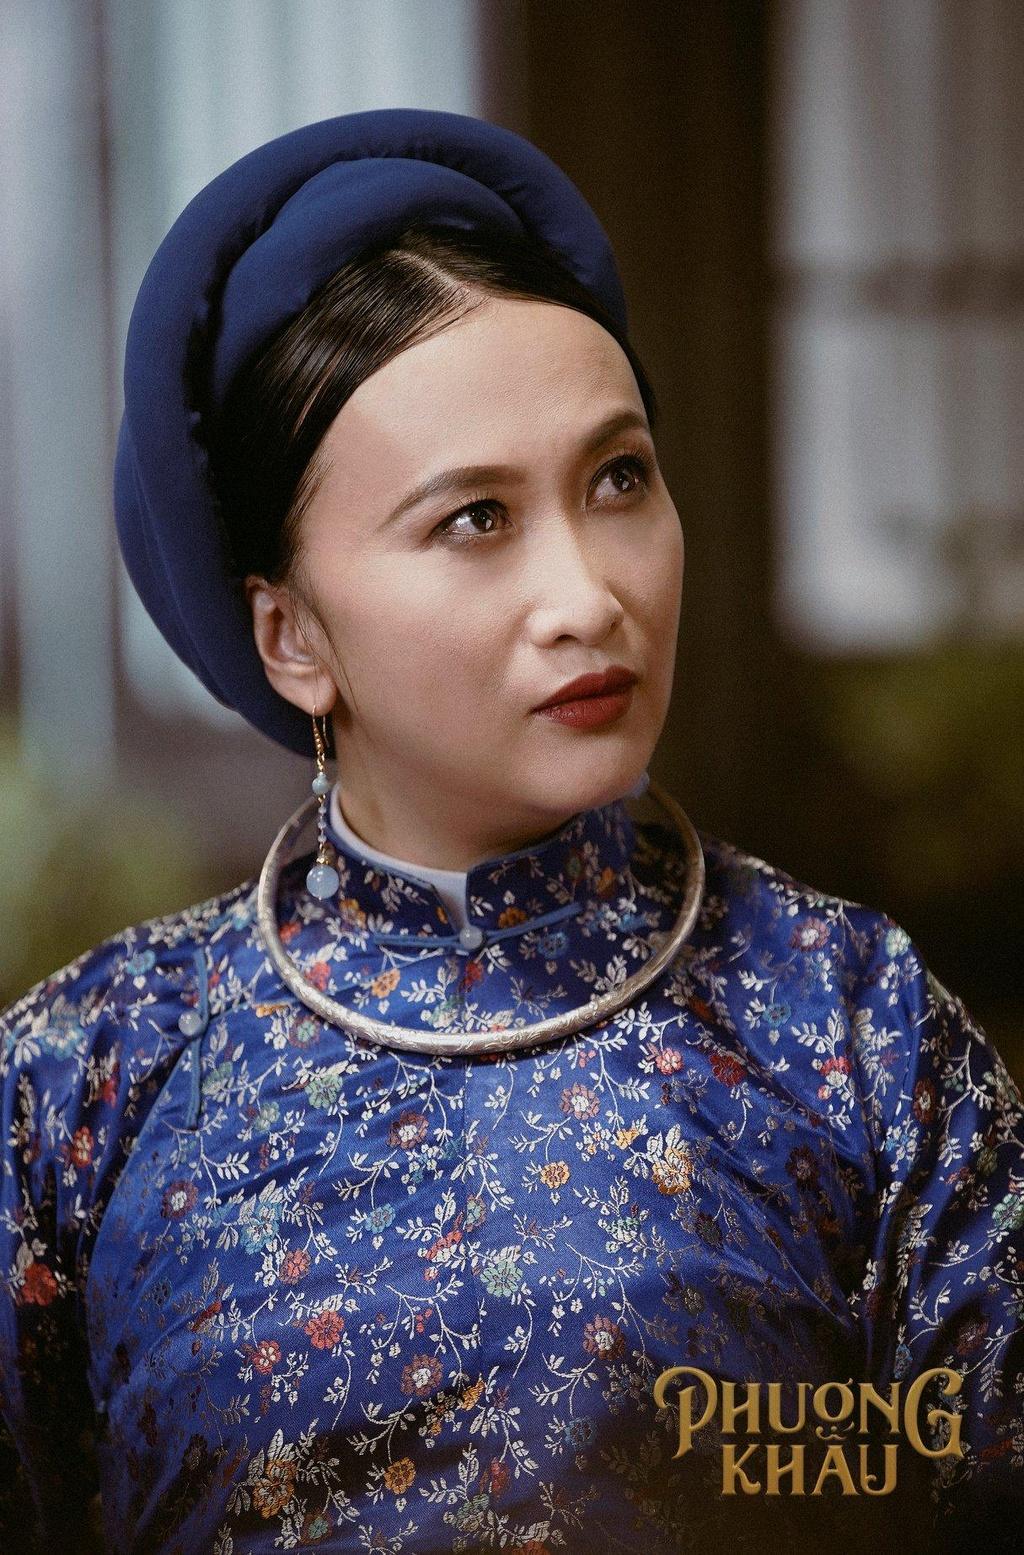 Hoa hau Diem Chau dam nhan vai phi tan cua Hoang de Thieu Tri hinh anh 3 image005_1.jpg